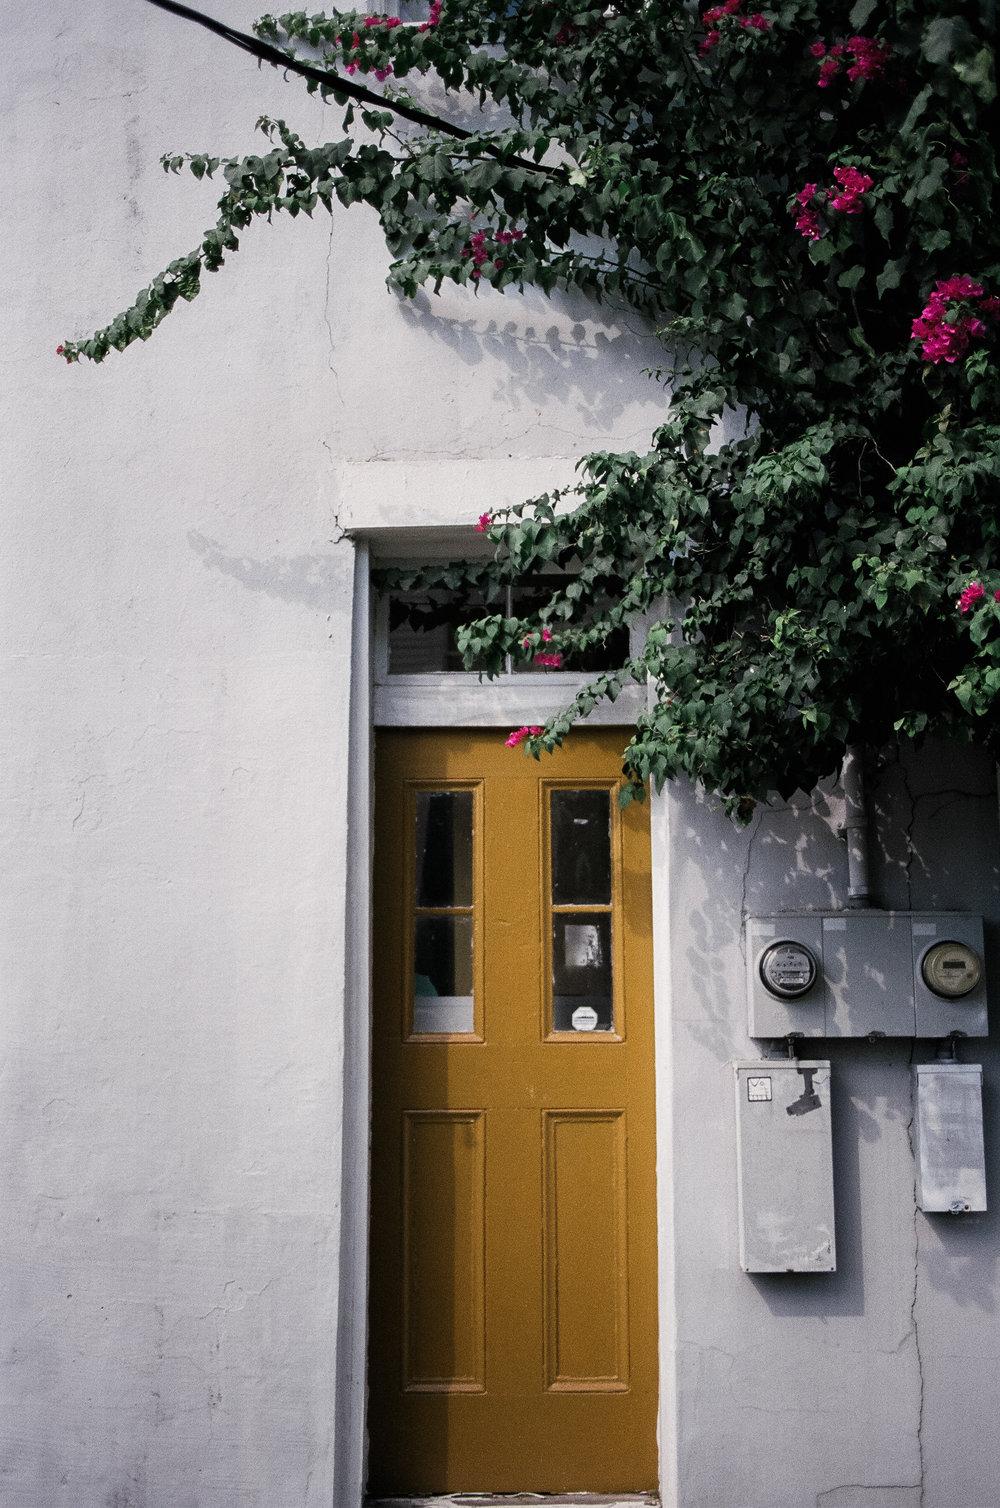 new orleans door fuji 400h